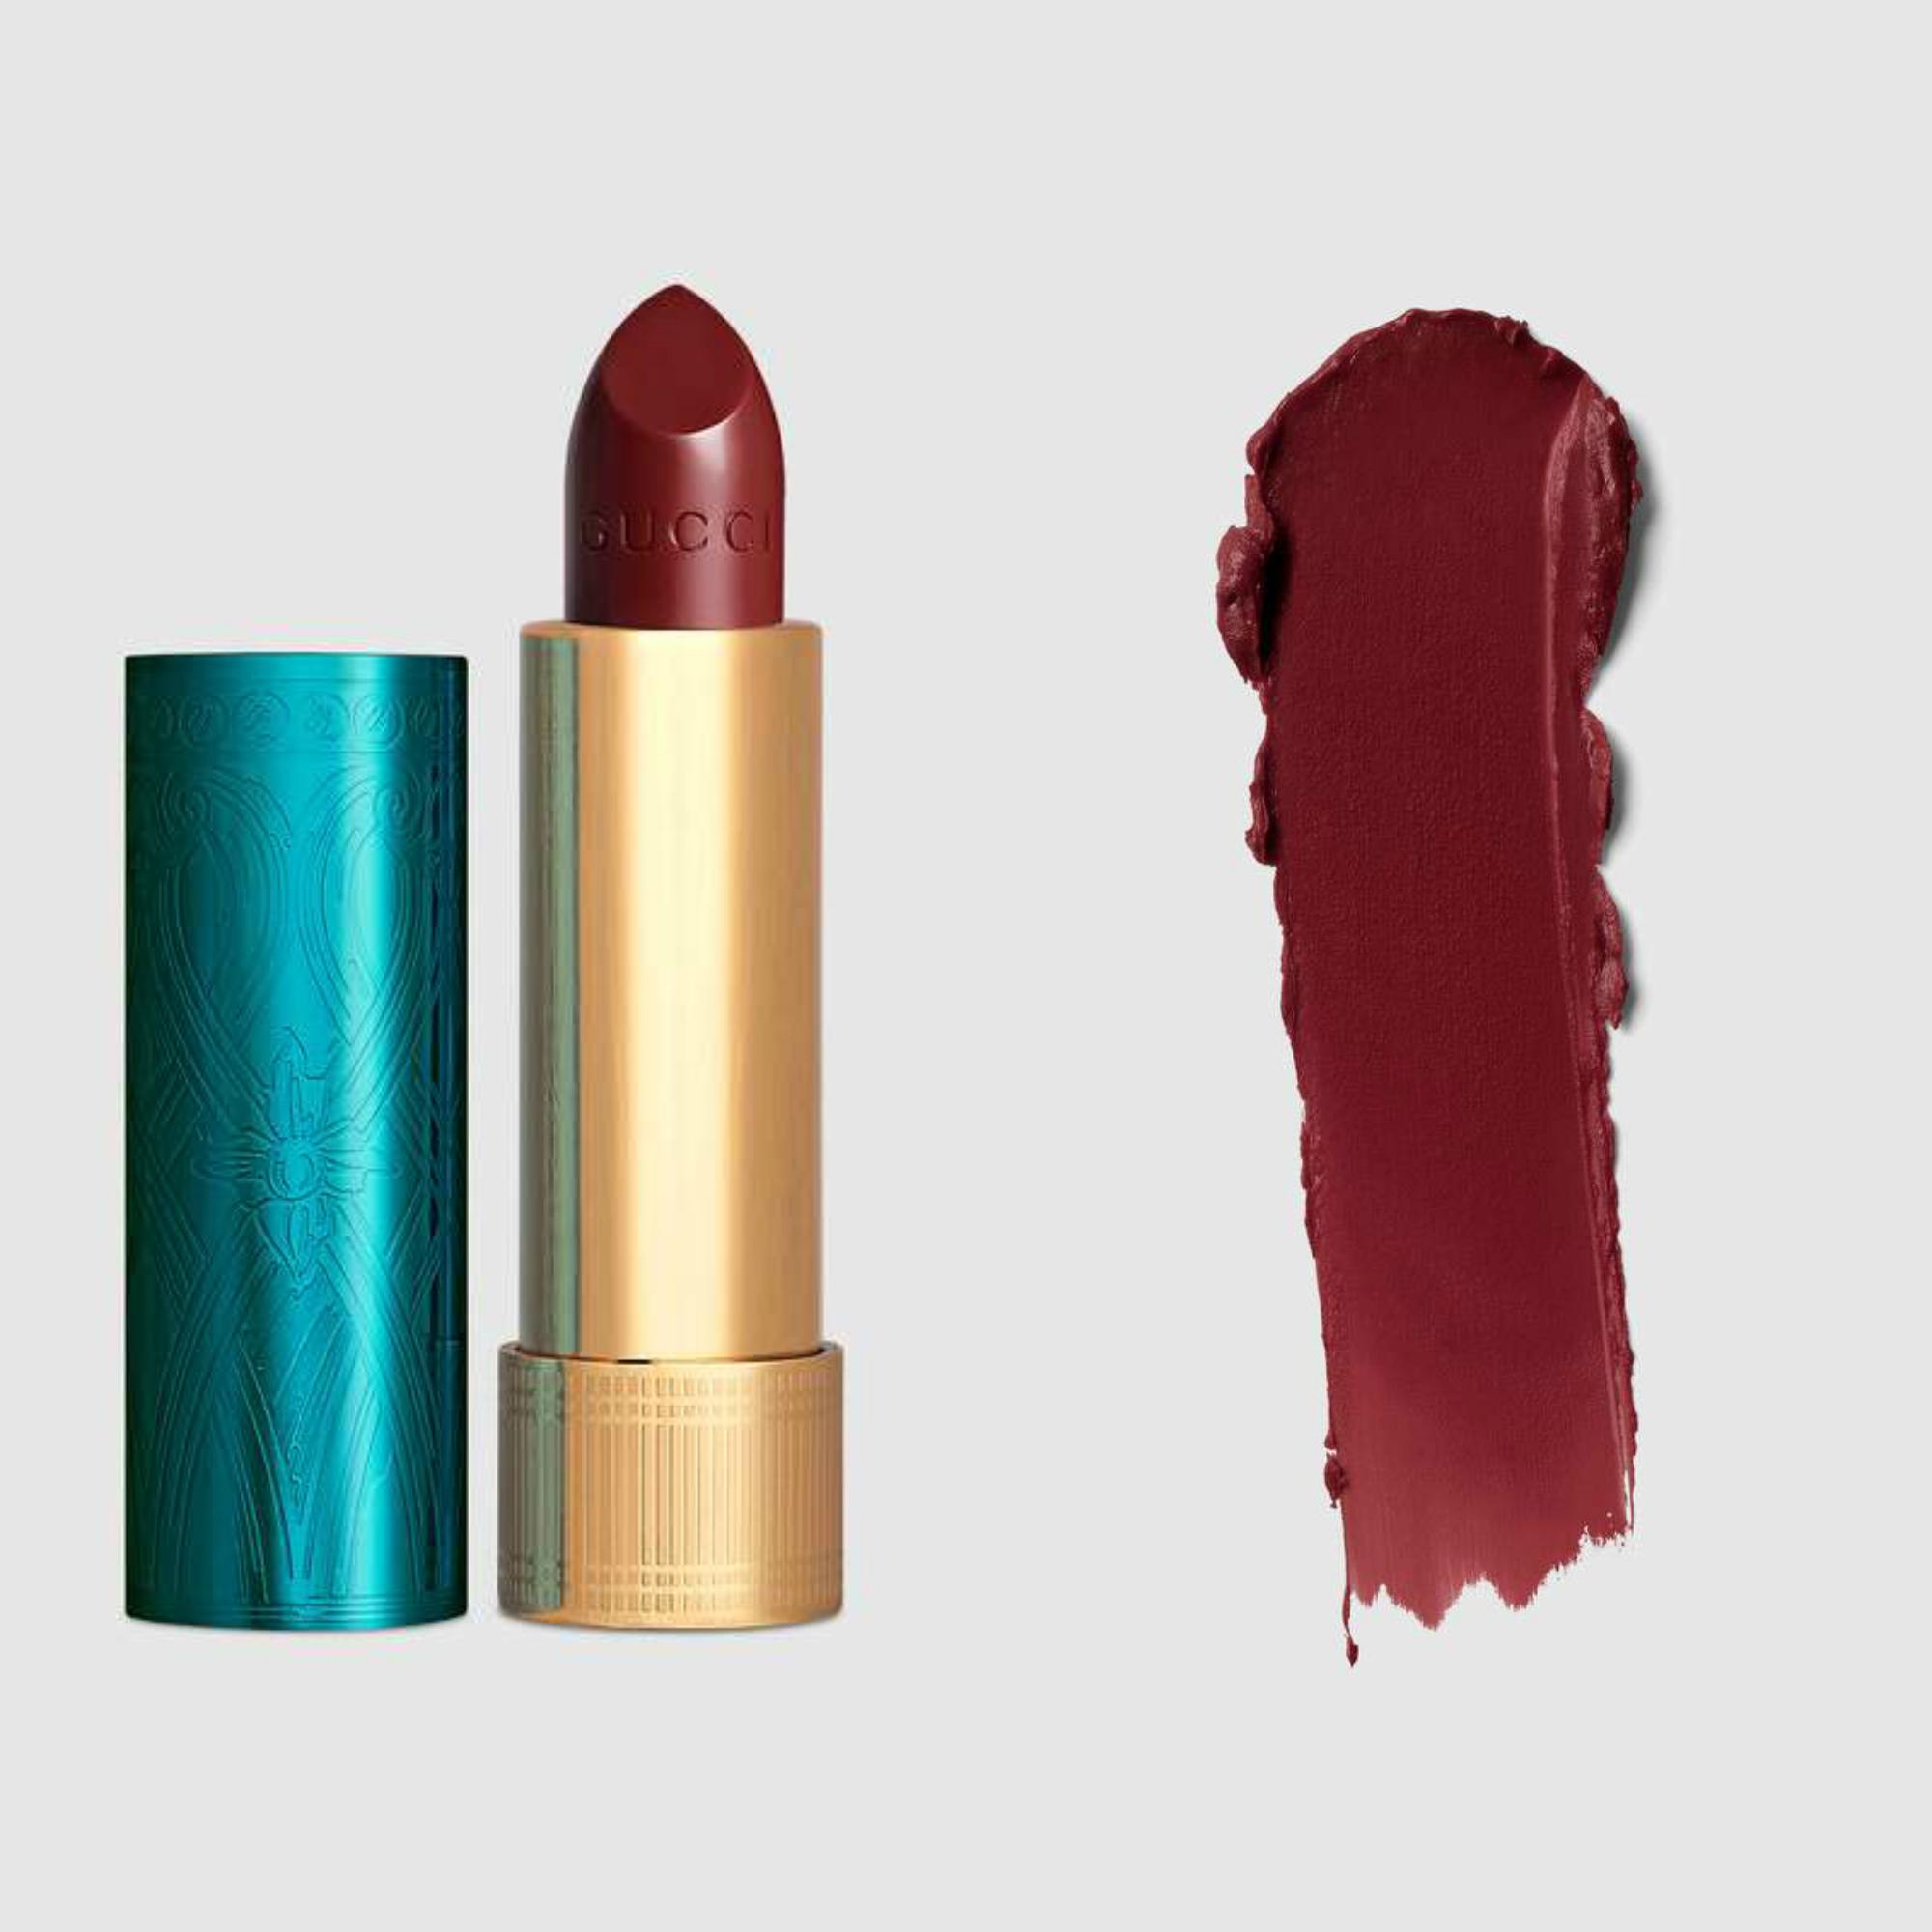 Gucci Rouge à Lèvres Satin Lipstick Summer Collection 2020